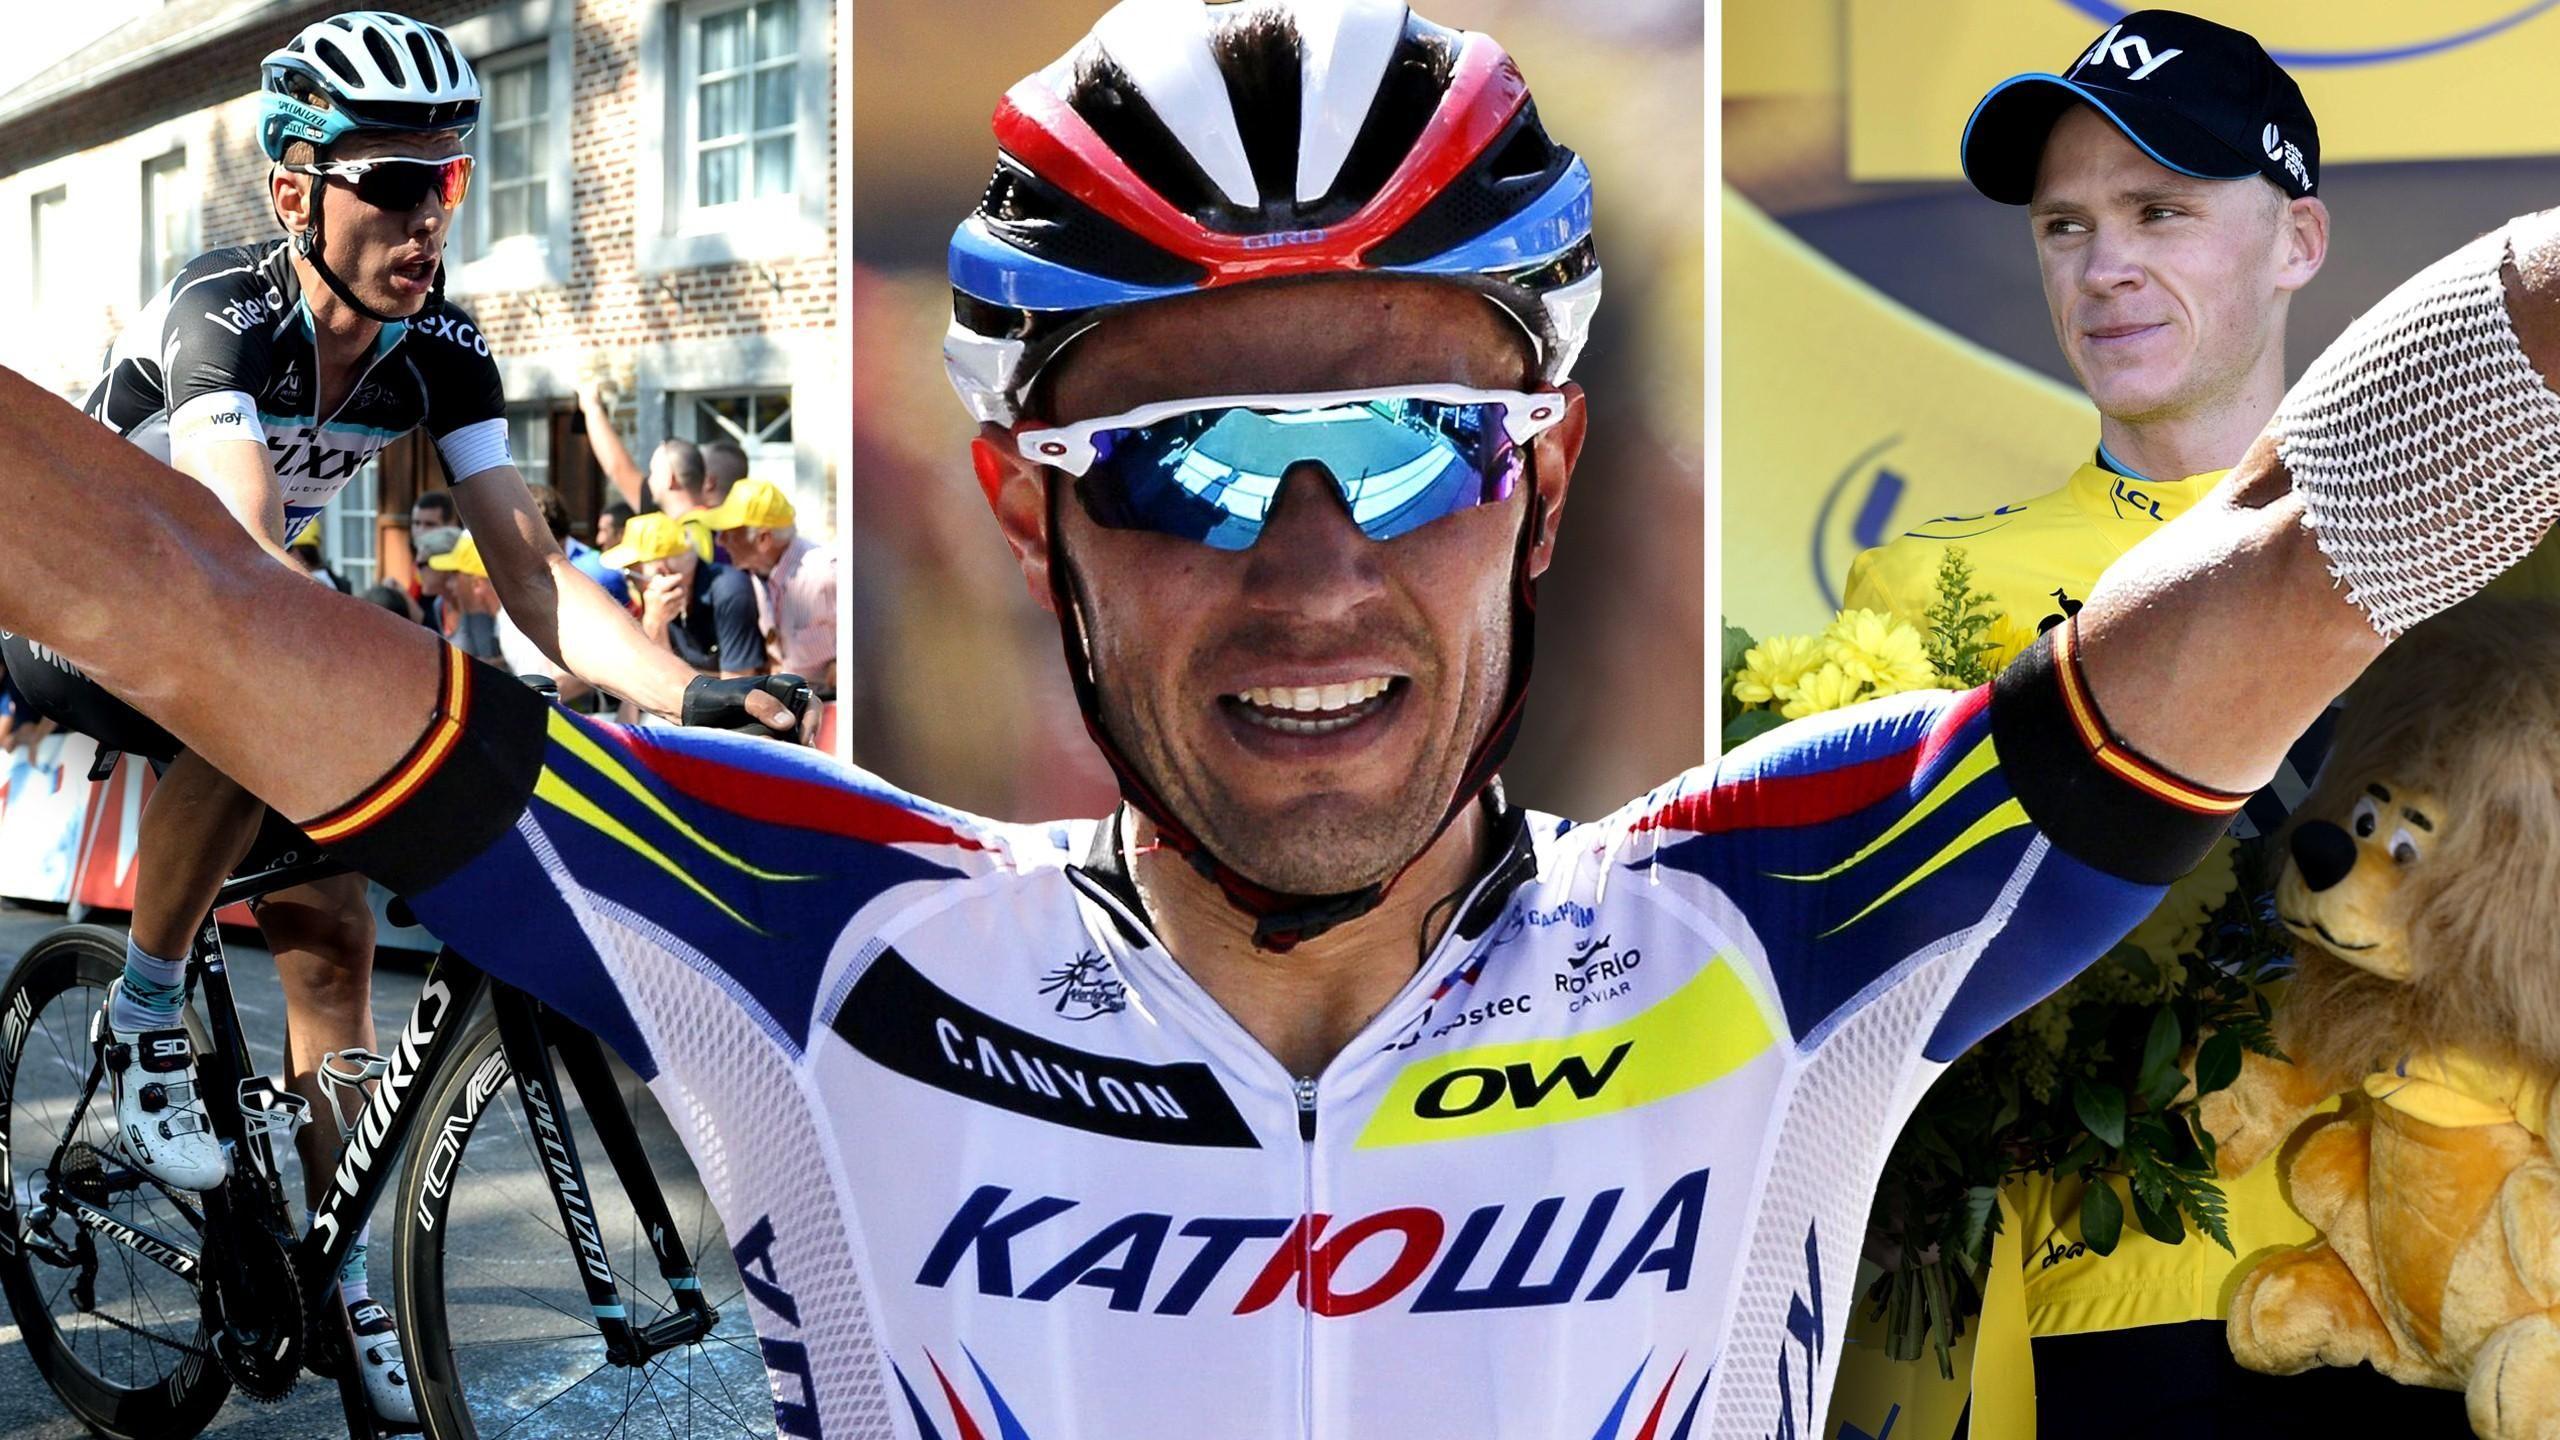 """Tour de France - Martin verpasst Gelb hauchd�nn an der """"Mauer von Huy"""", Rodr�guez siegt"""